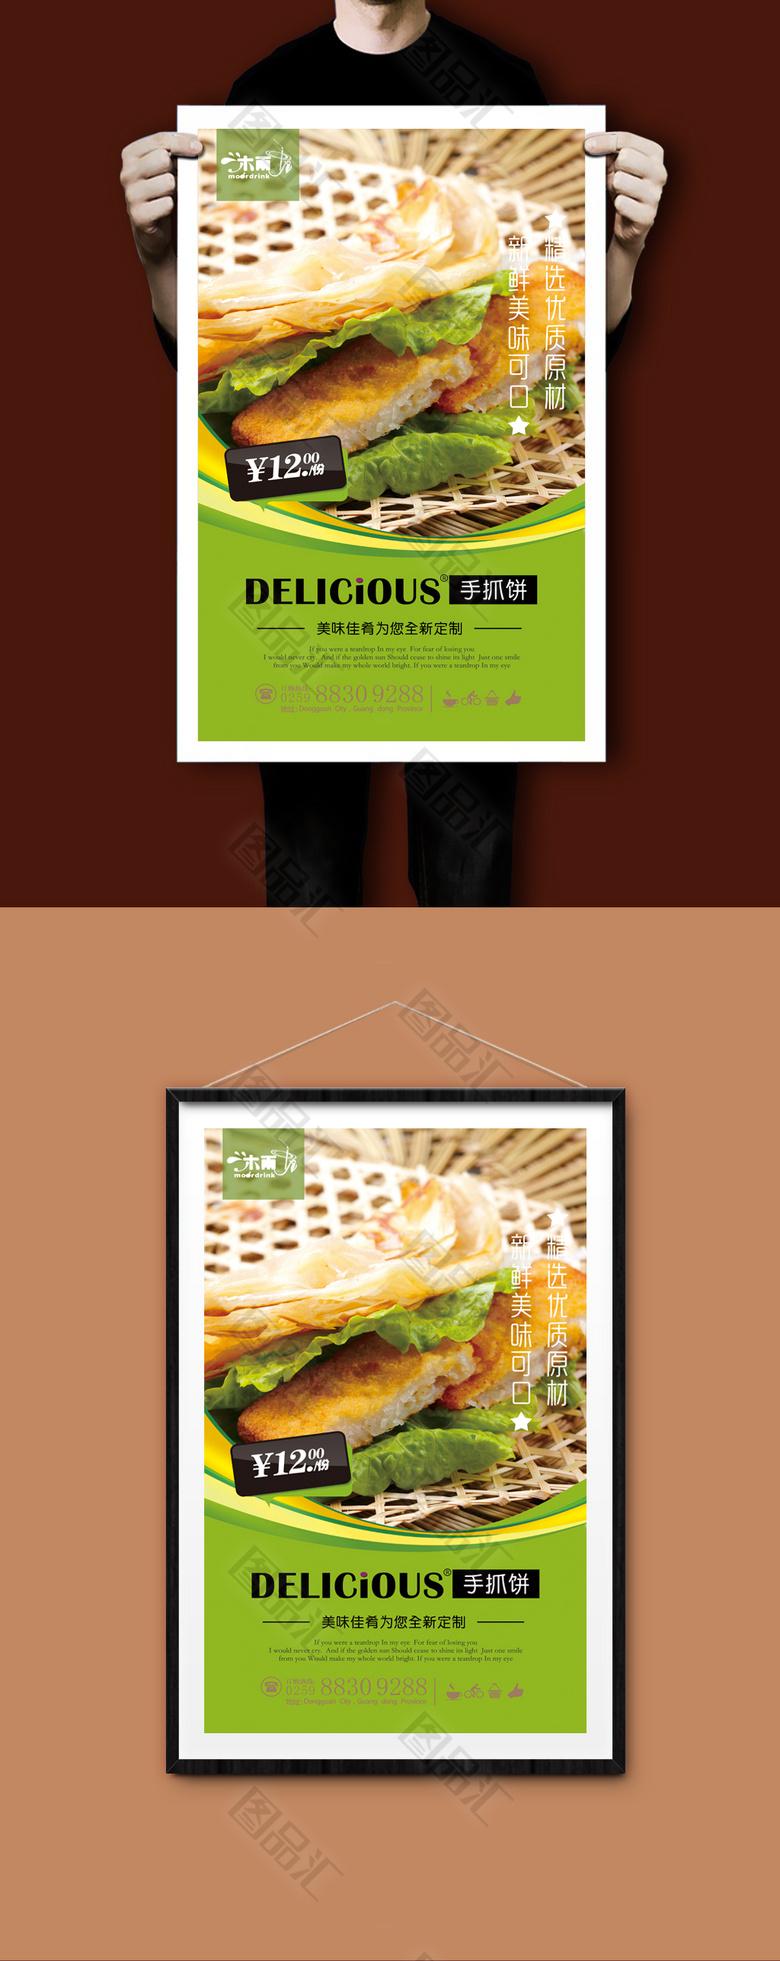 模板美味手抓饼海报设计高清中国风建筑设计网页图片